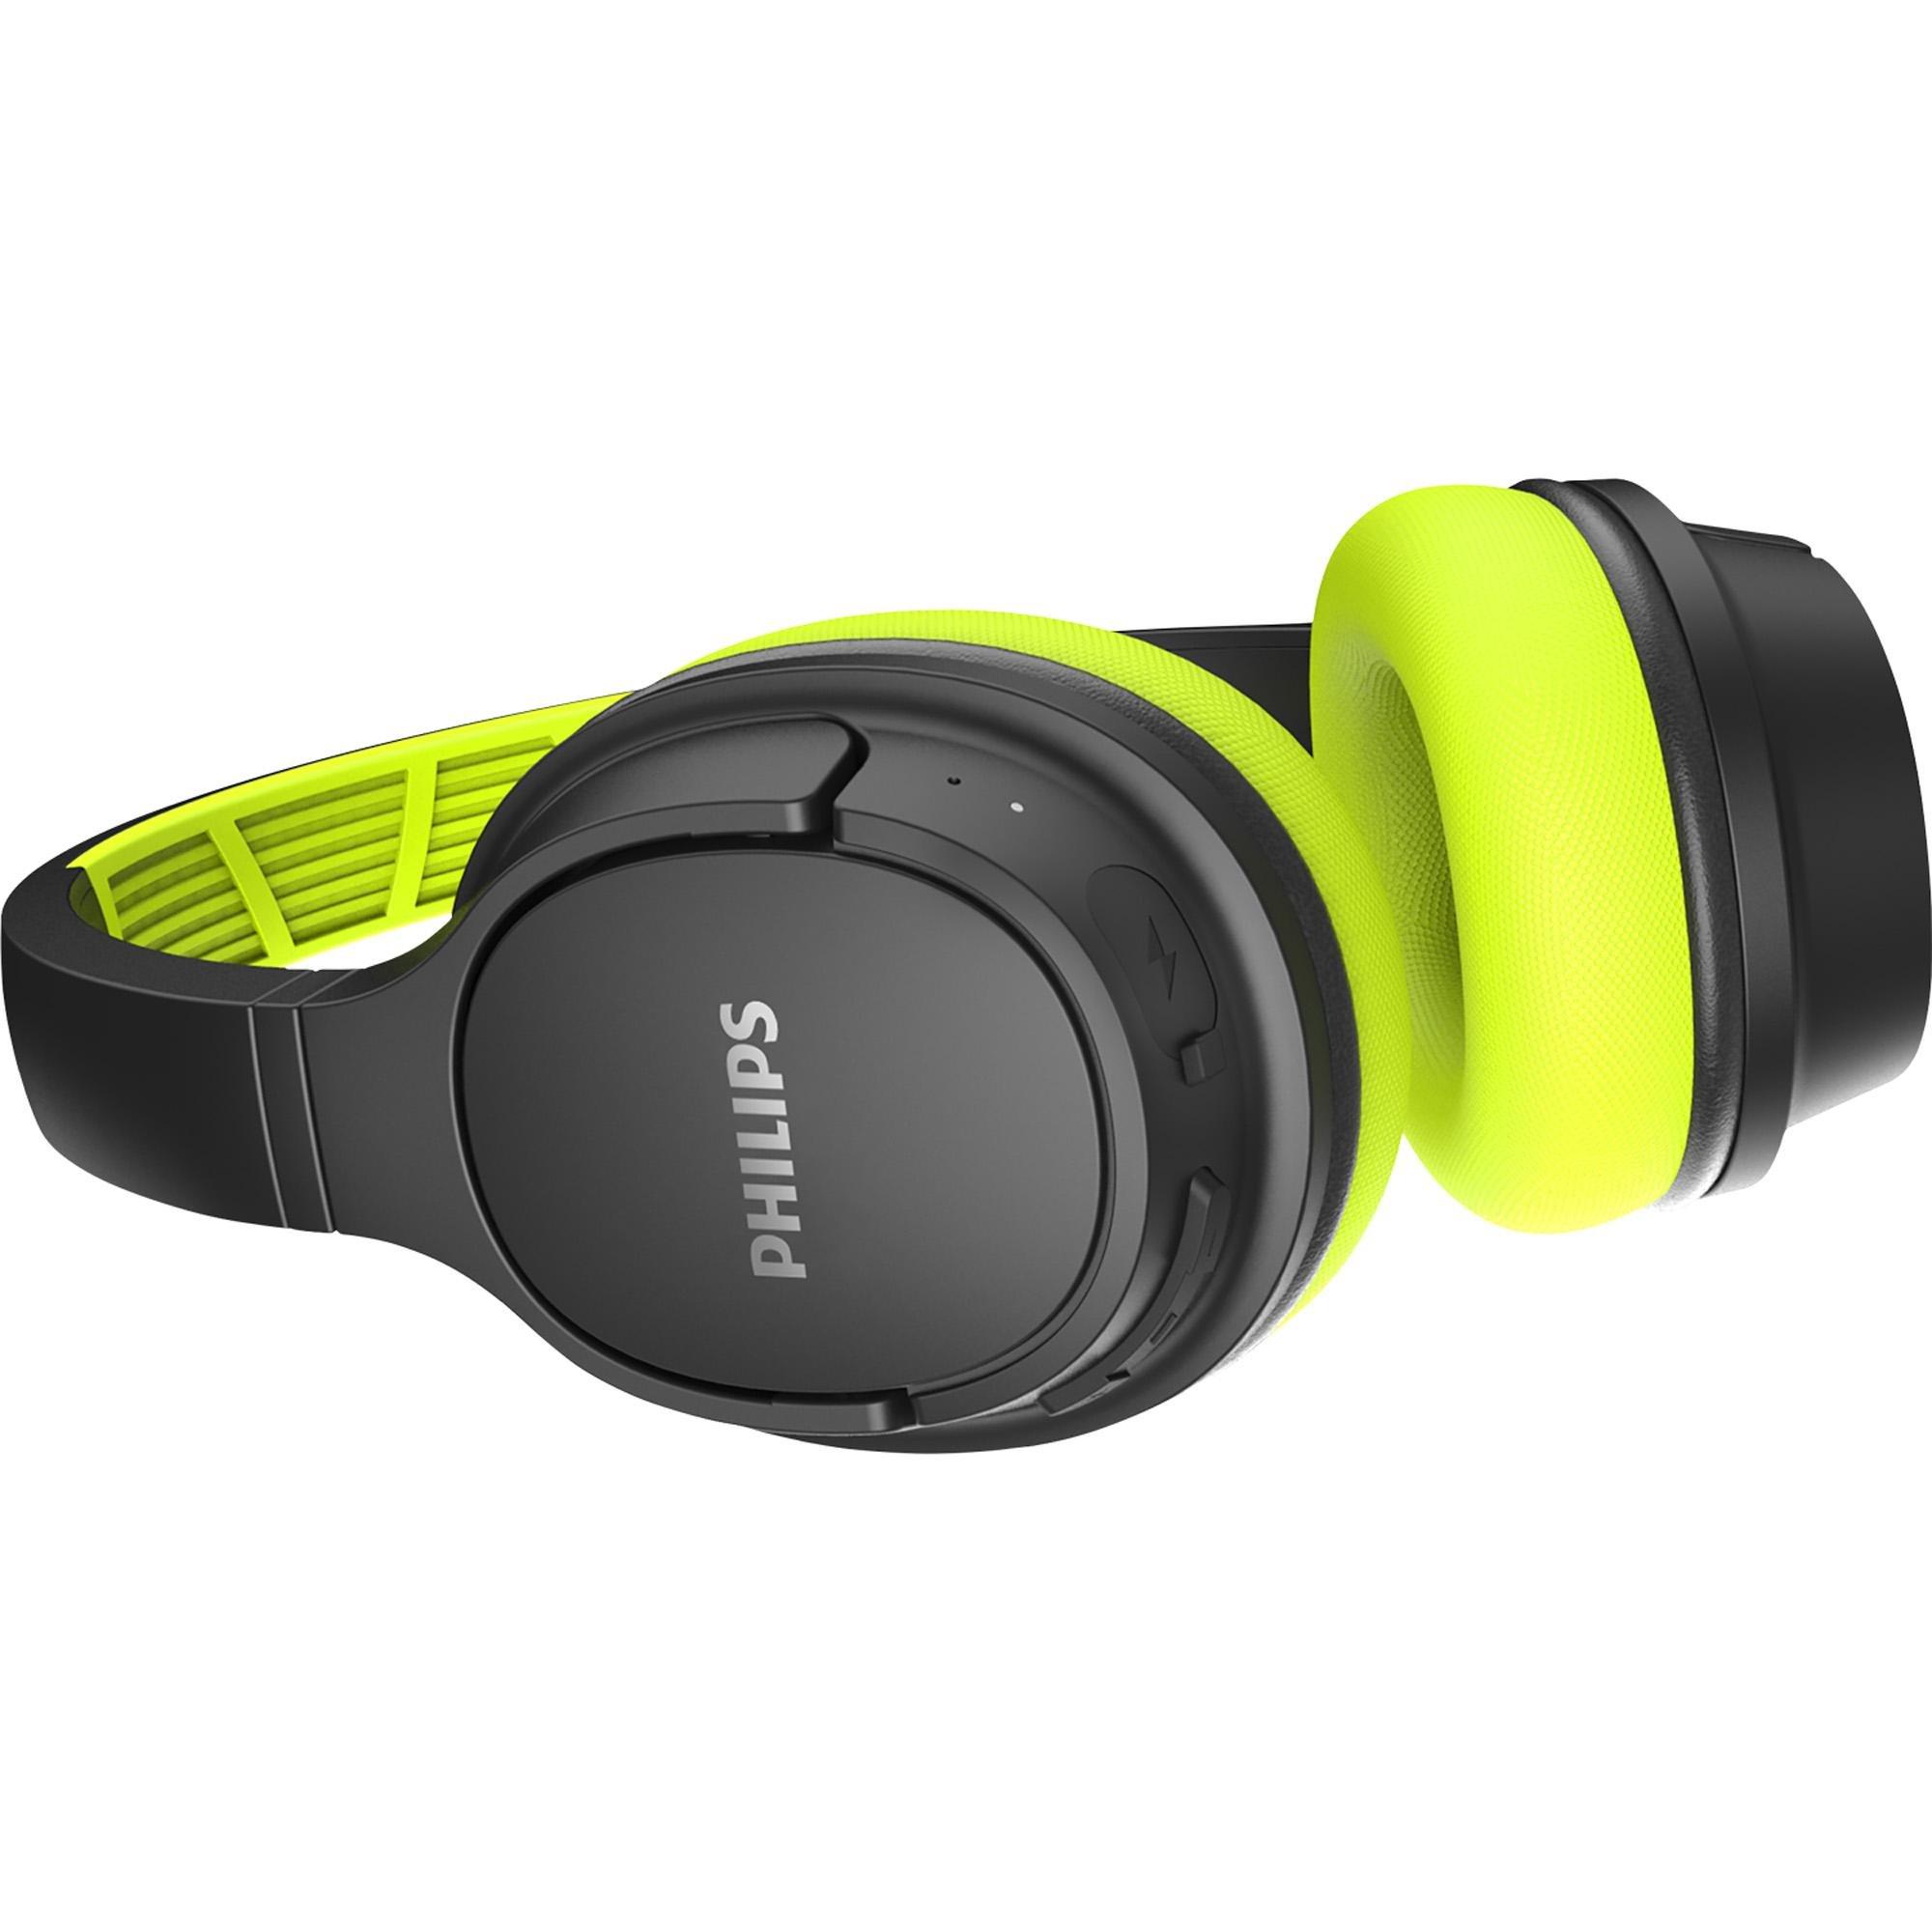 Fone de Ouvido Bluetooth TASH402LF/00 Verde/Preto PHILIPS